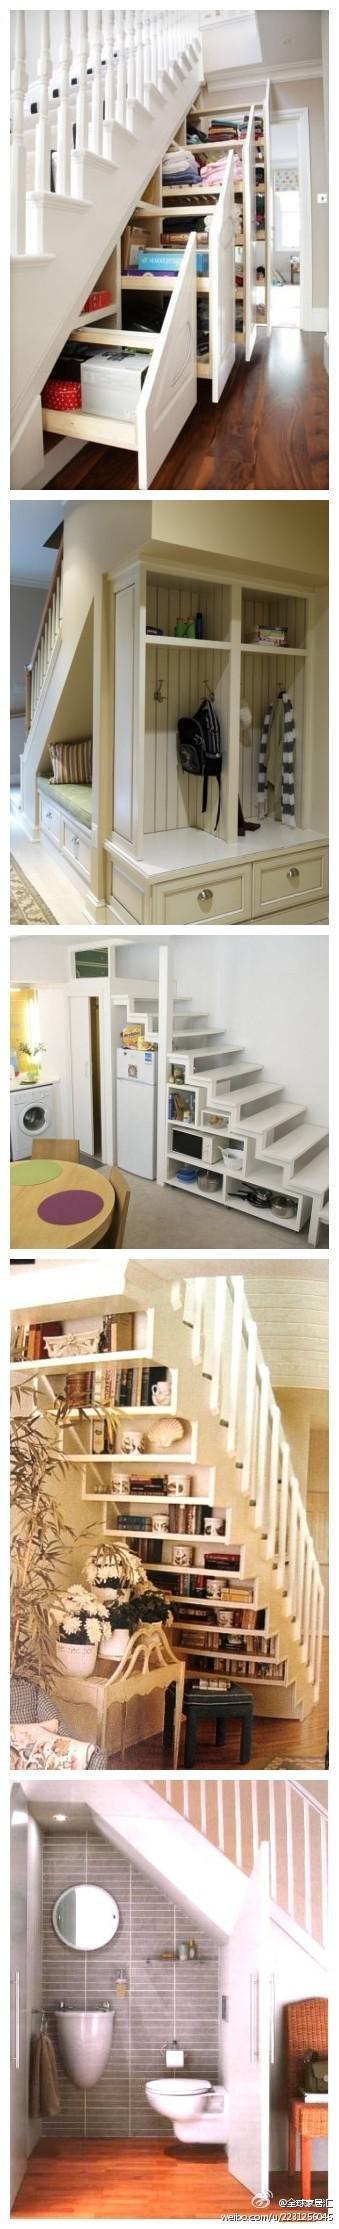 Przestrzeń pod schodami